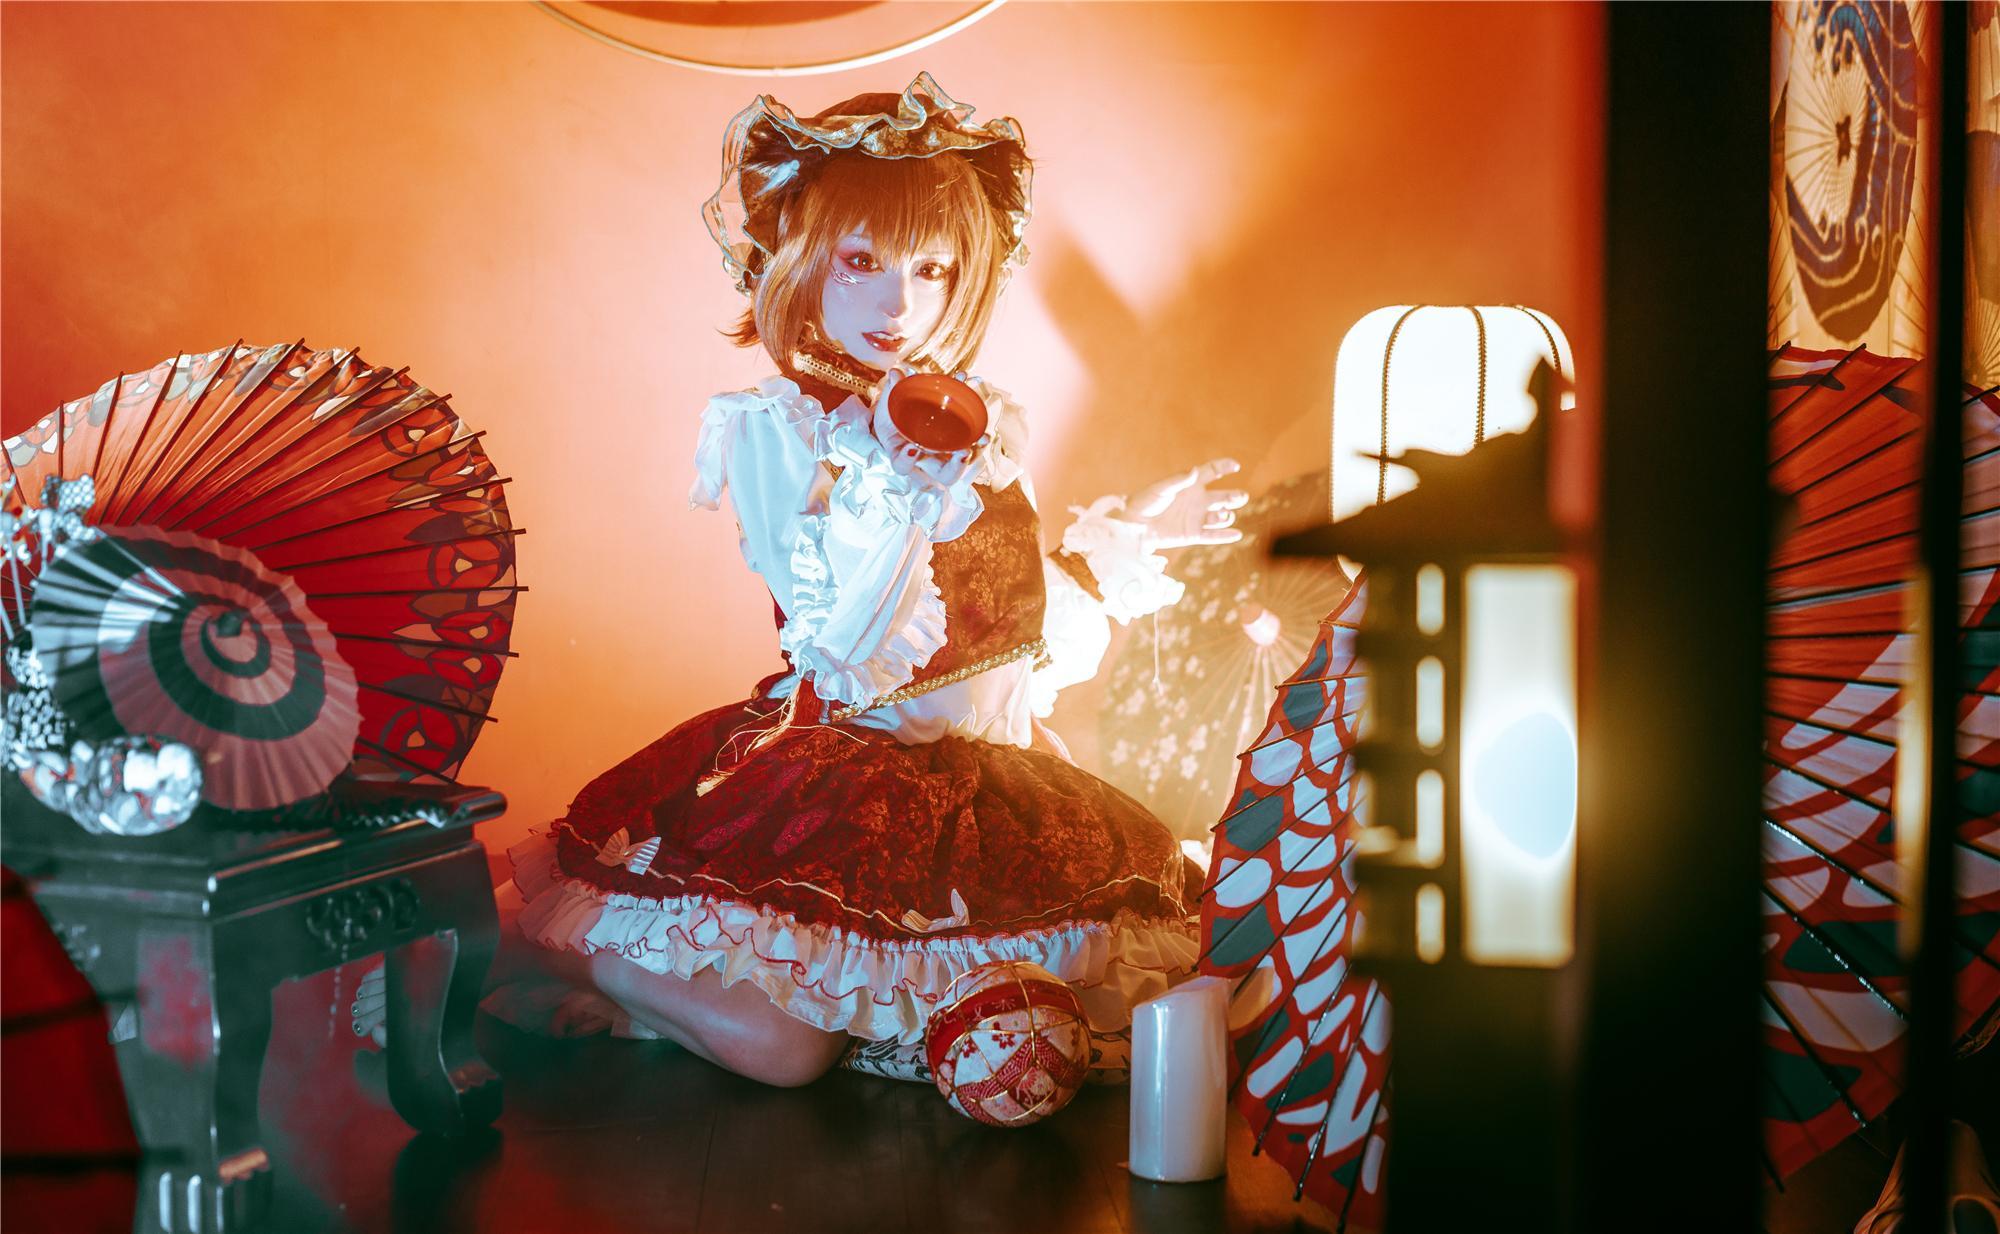 《东方PROJECT》 -cosplay人是倒着的图片插图